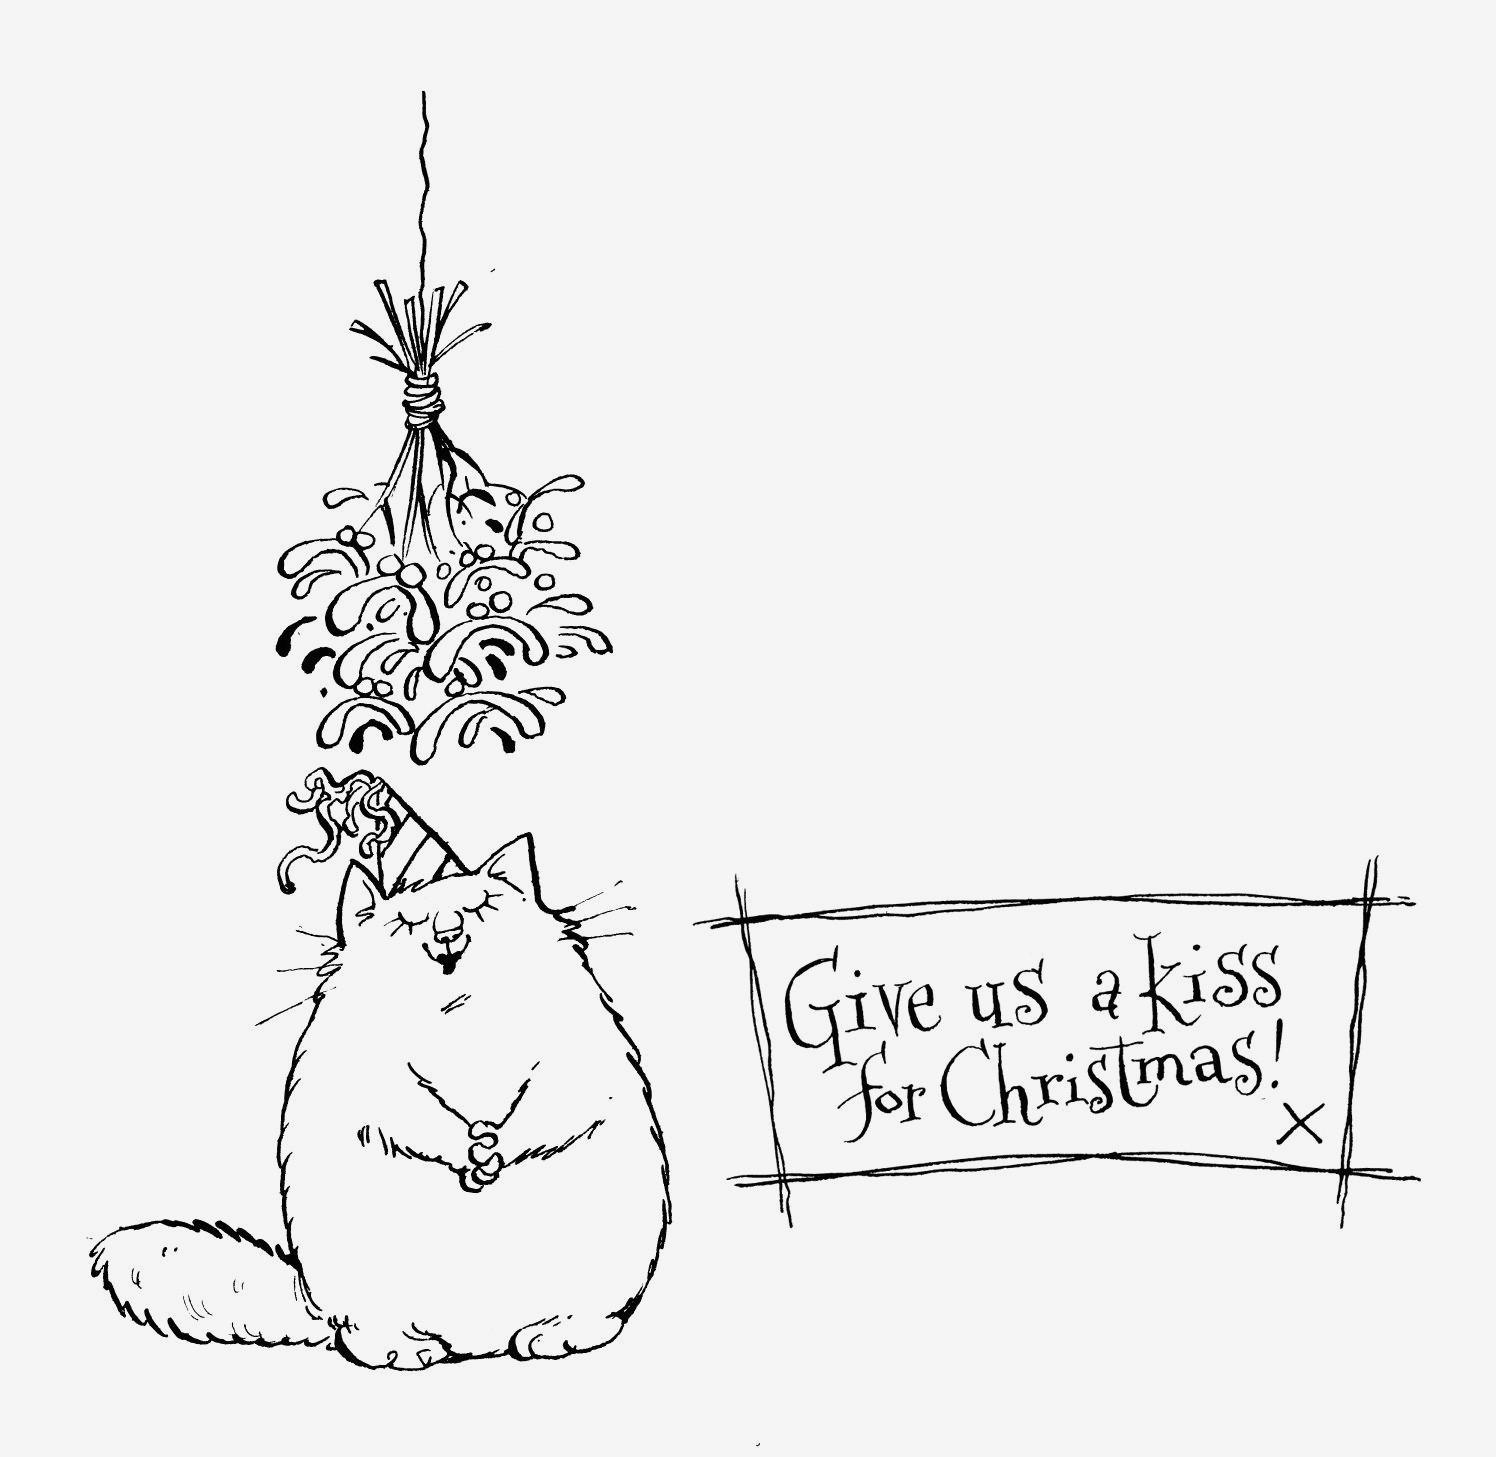 Malvorlagen Weihnachten Schneemann Frisch Malvorlagen Weihnachten Kostenlos Sammlung